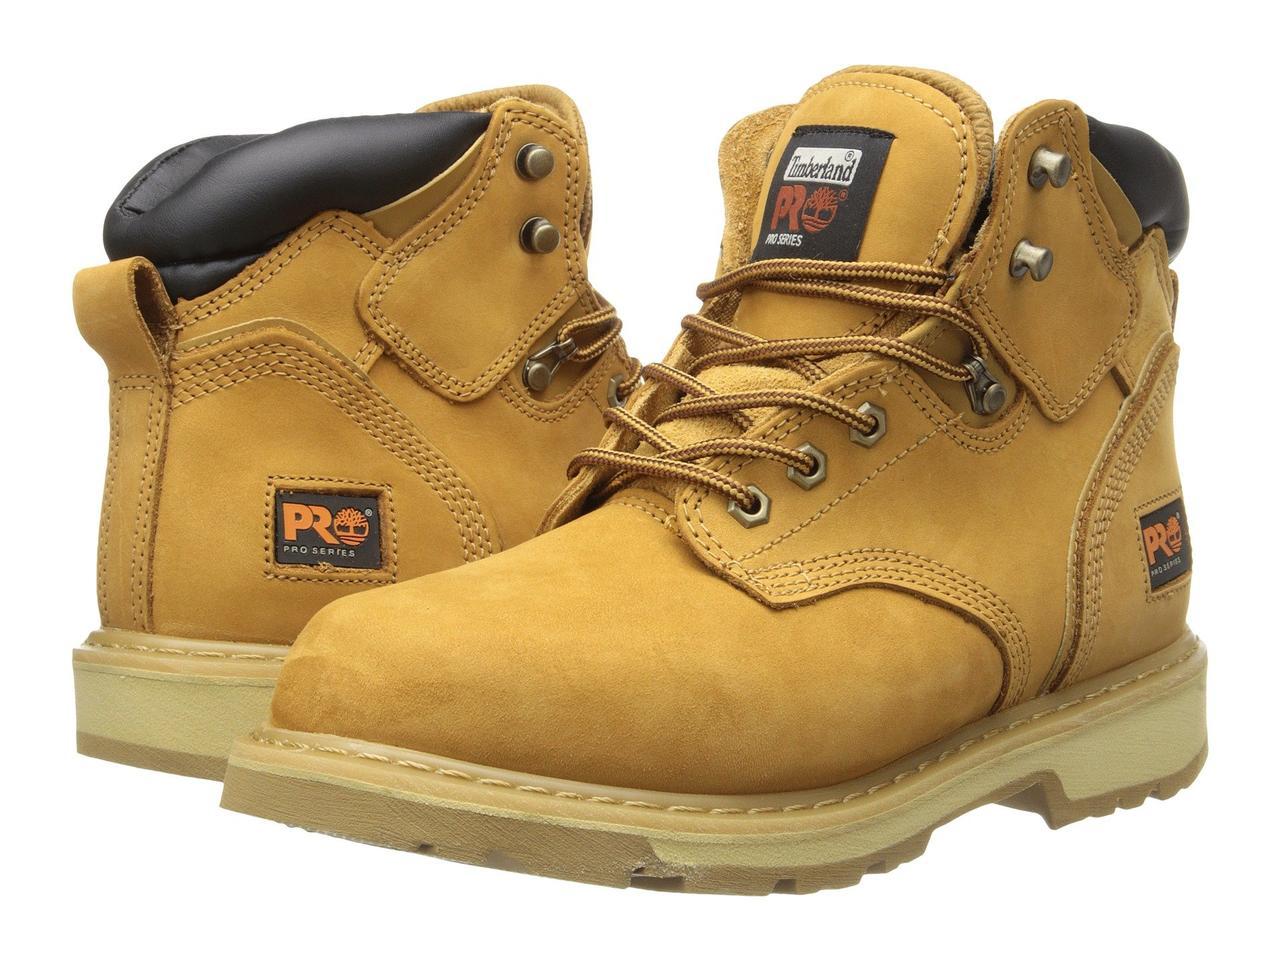 """Ботинки/Сапоги (Оригинал) Timberland PRO 6"""" Pit Boss Soft Toe Wheat Nubuck Leather"""